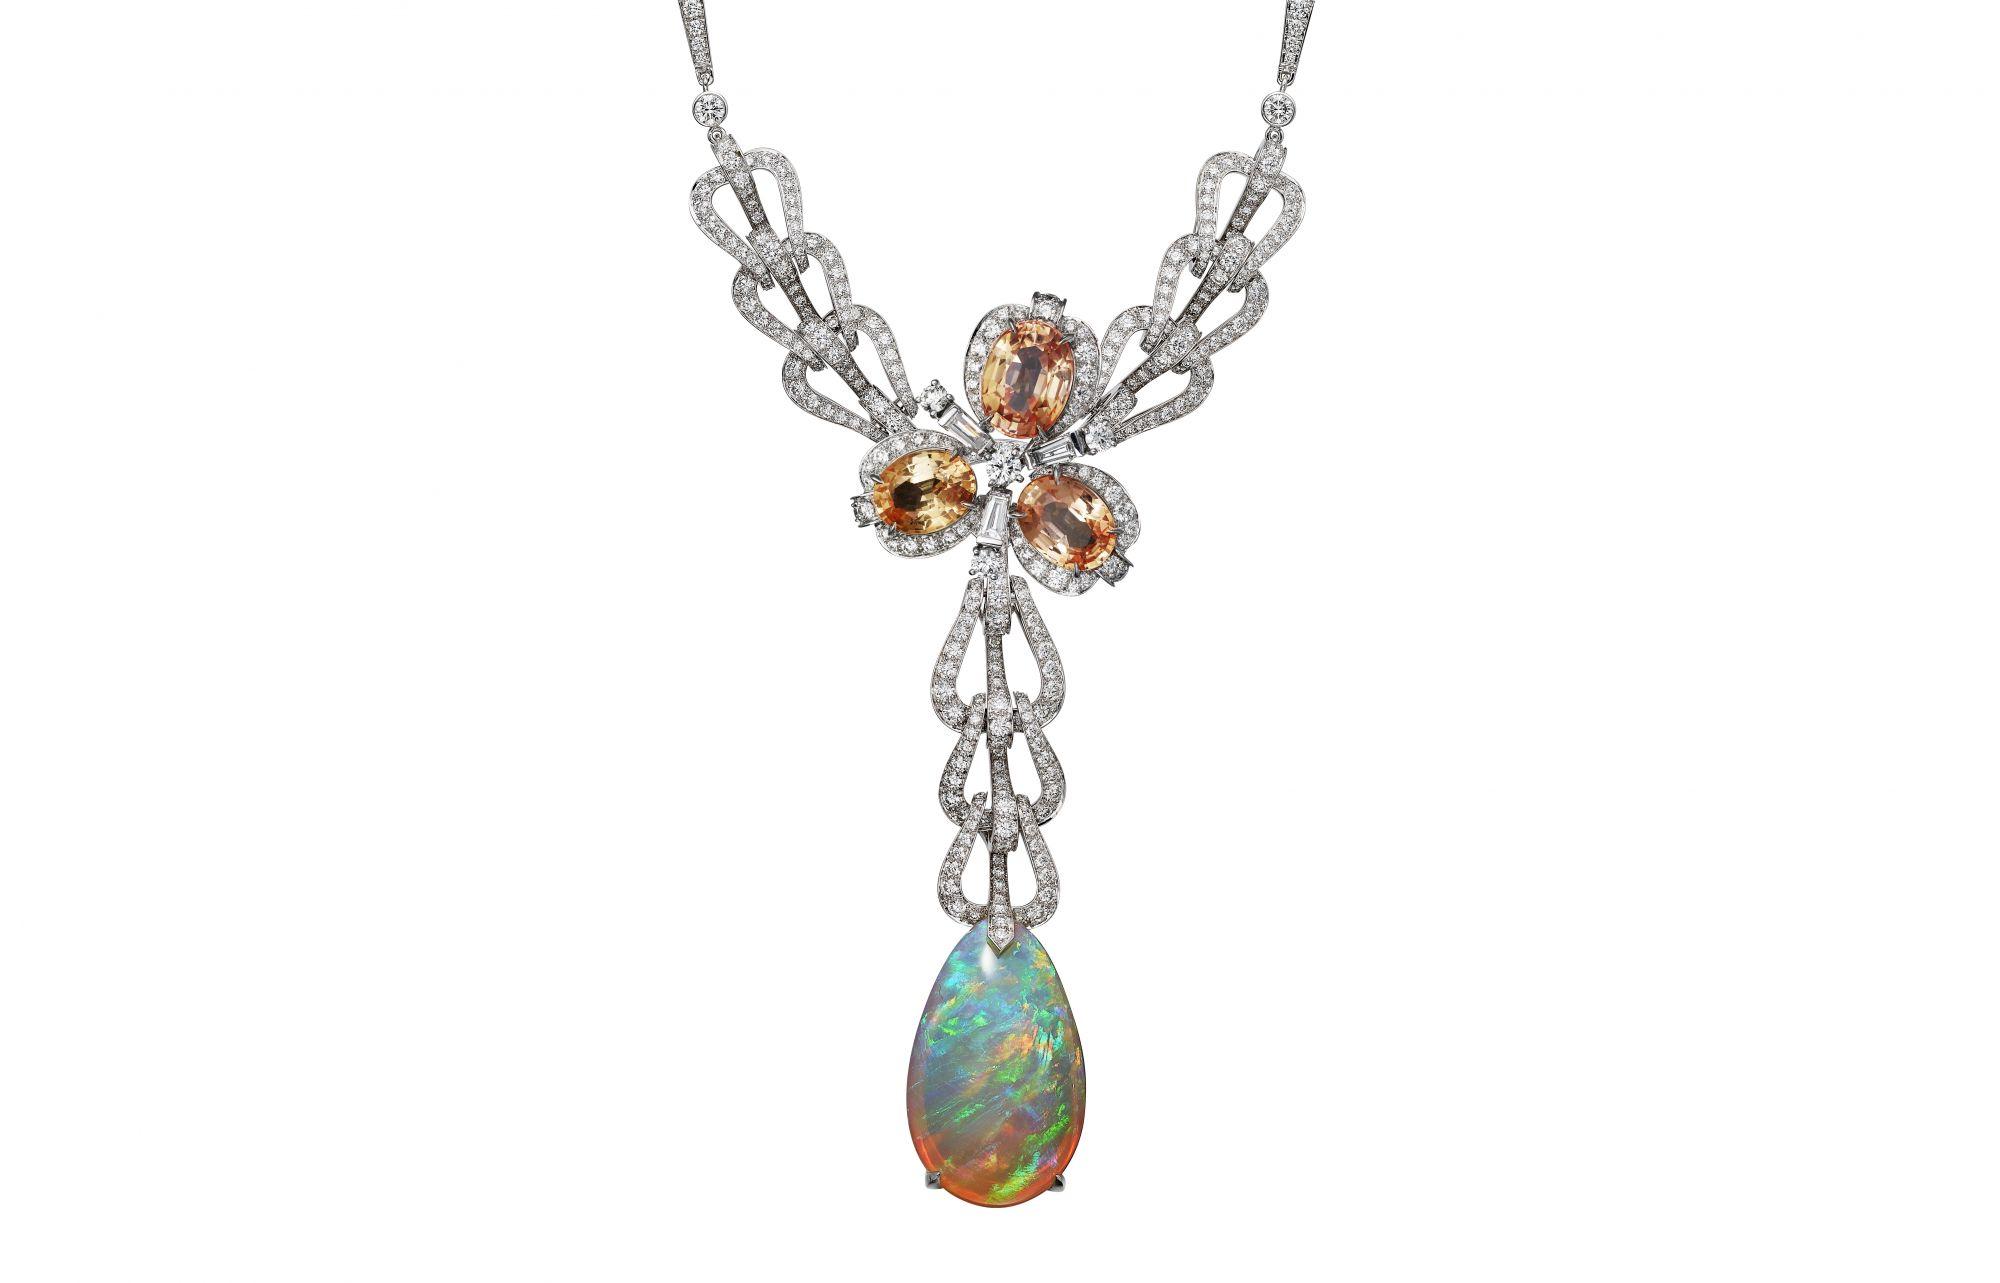 交織文化色線,Cartier用全新Coloratura頂級珠寶系列開啟歡騰樂章